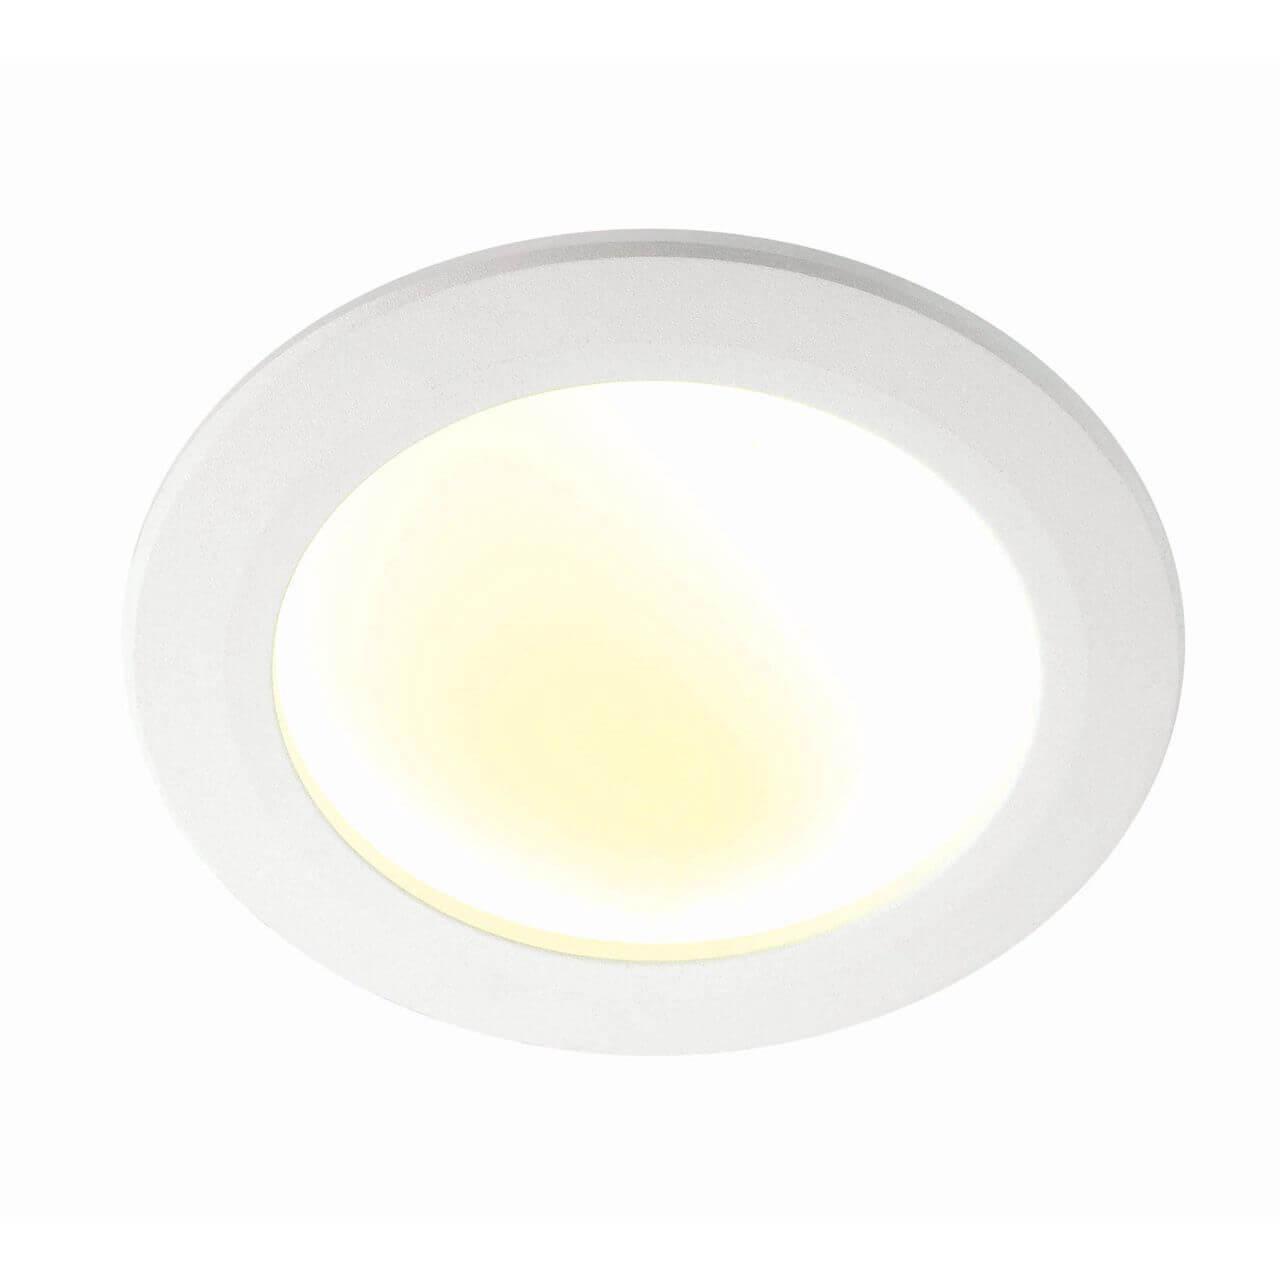 Встраиваемый светильник Novotech 357353, LED, 12 Вт